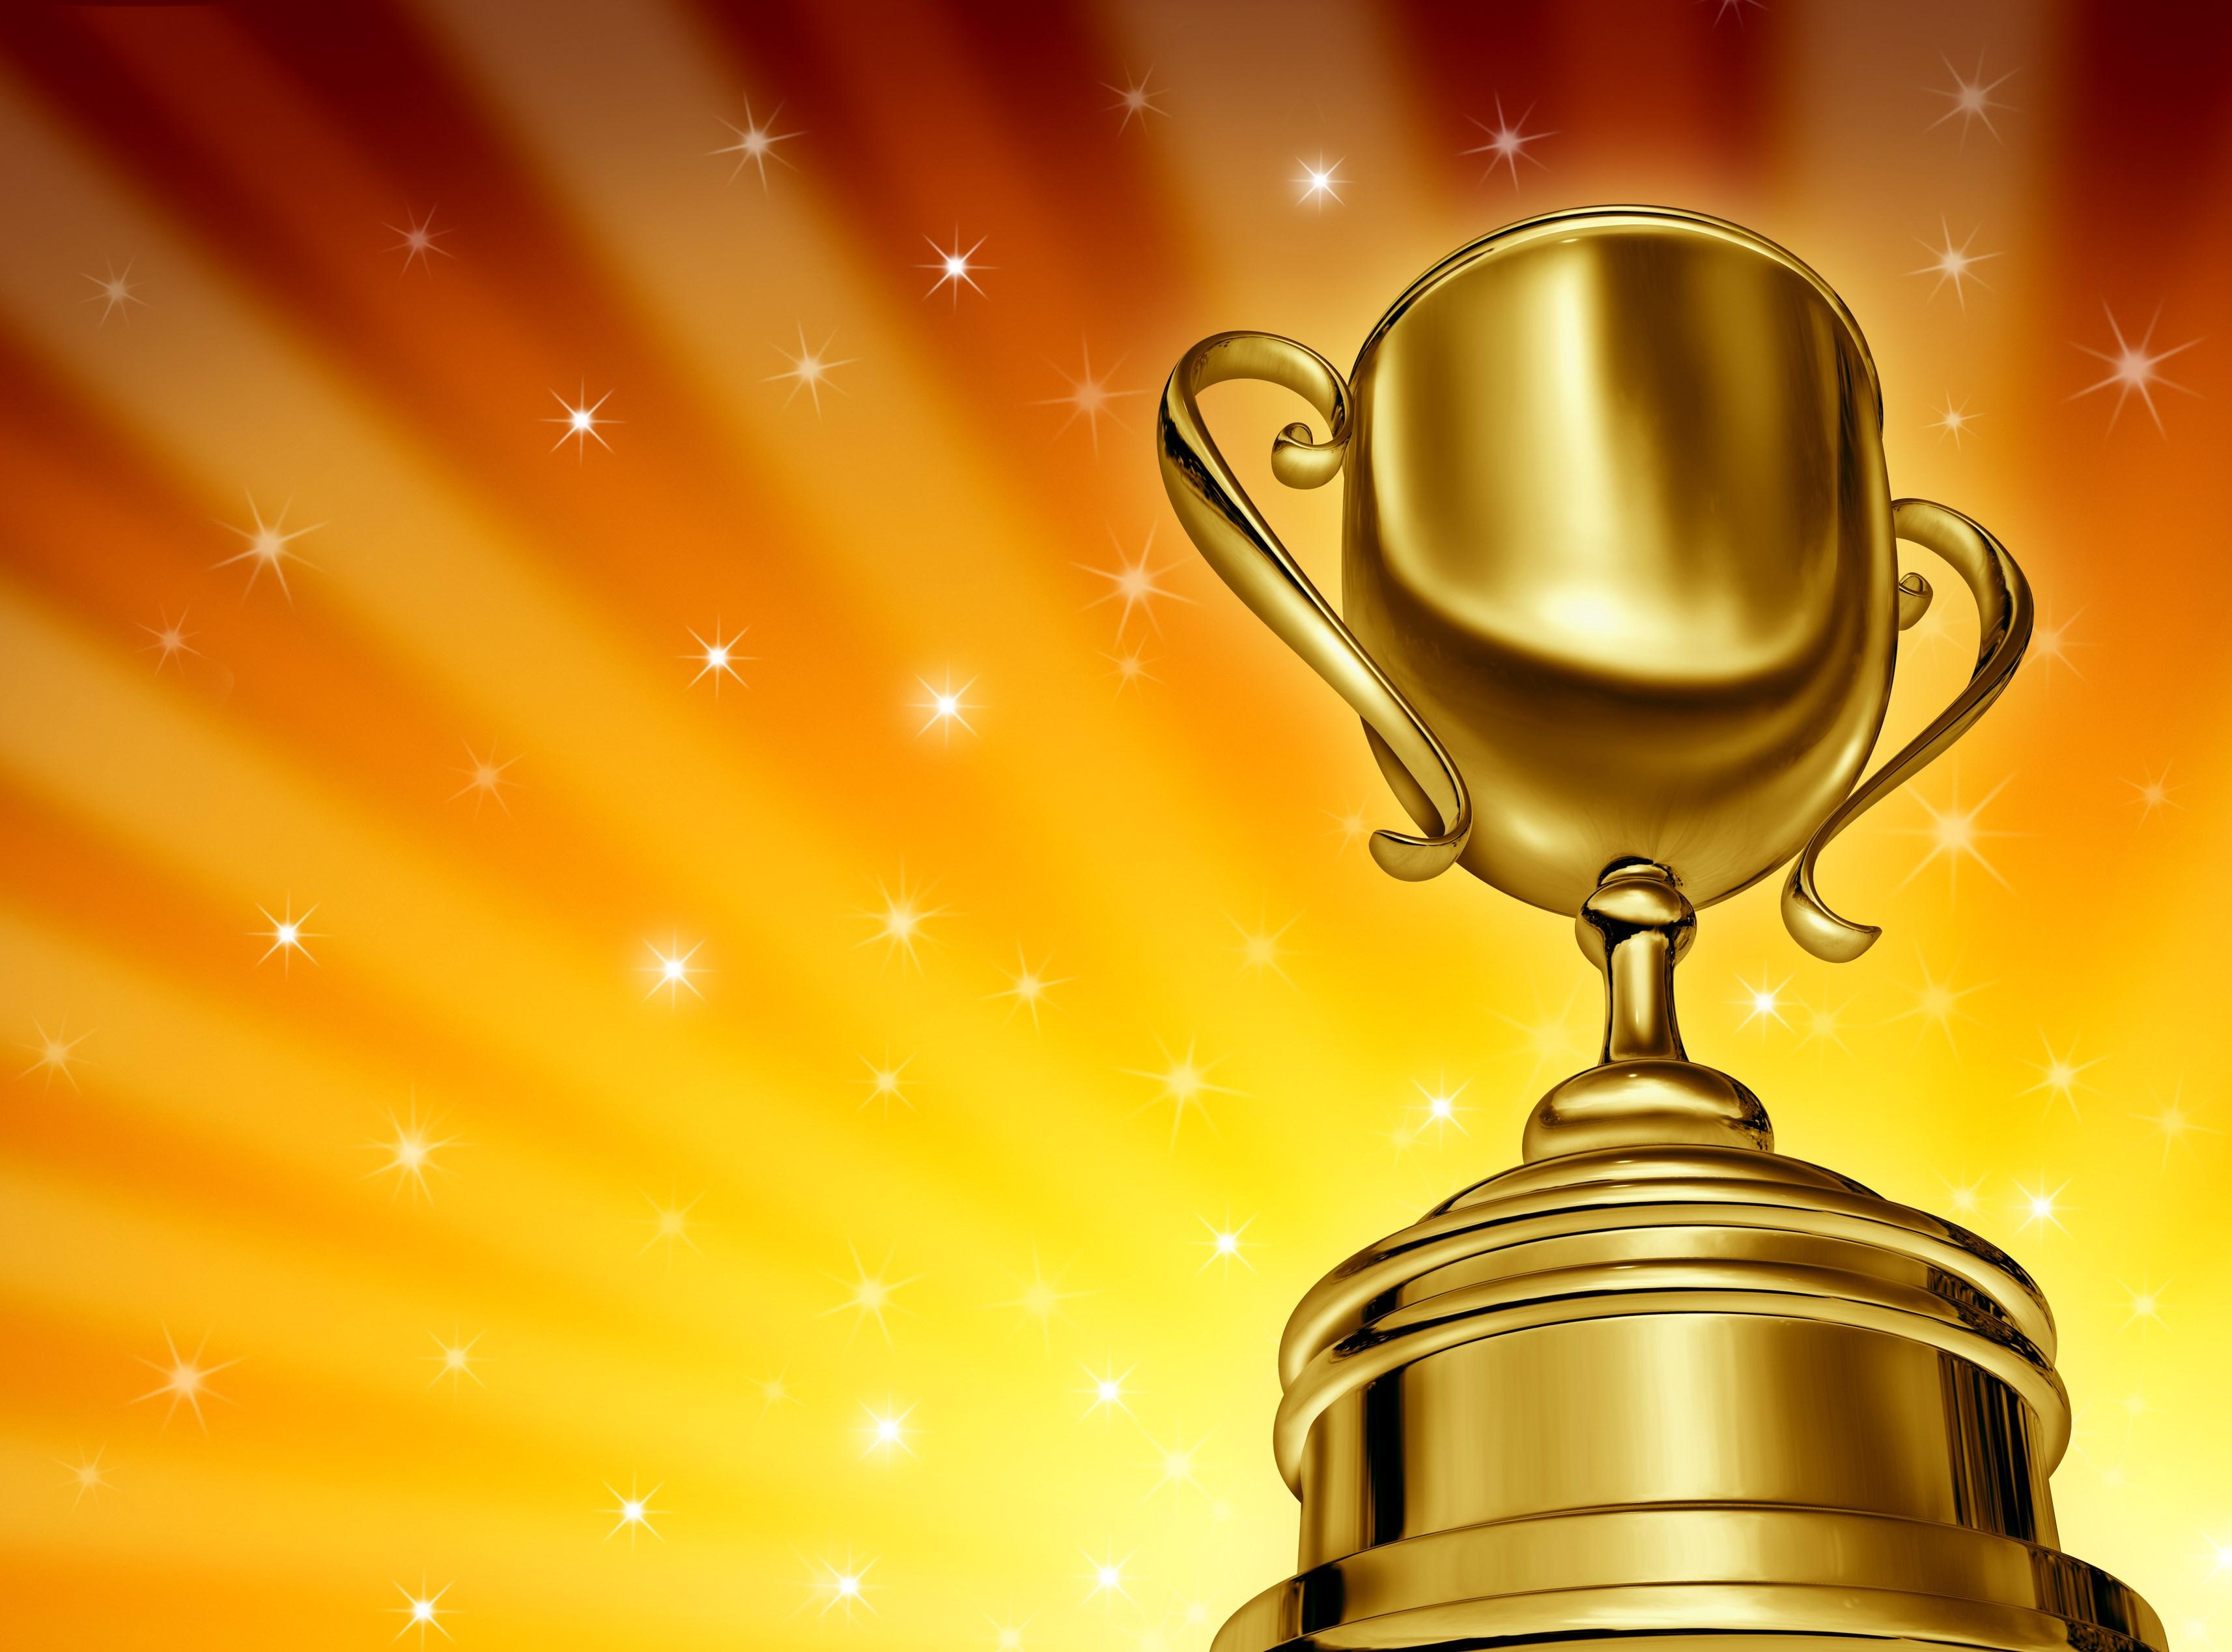 Αποτέλεσμα εικόνας για awards